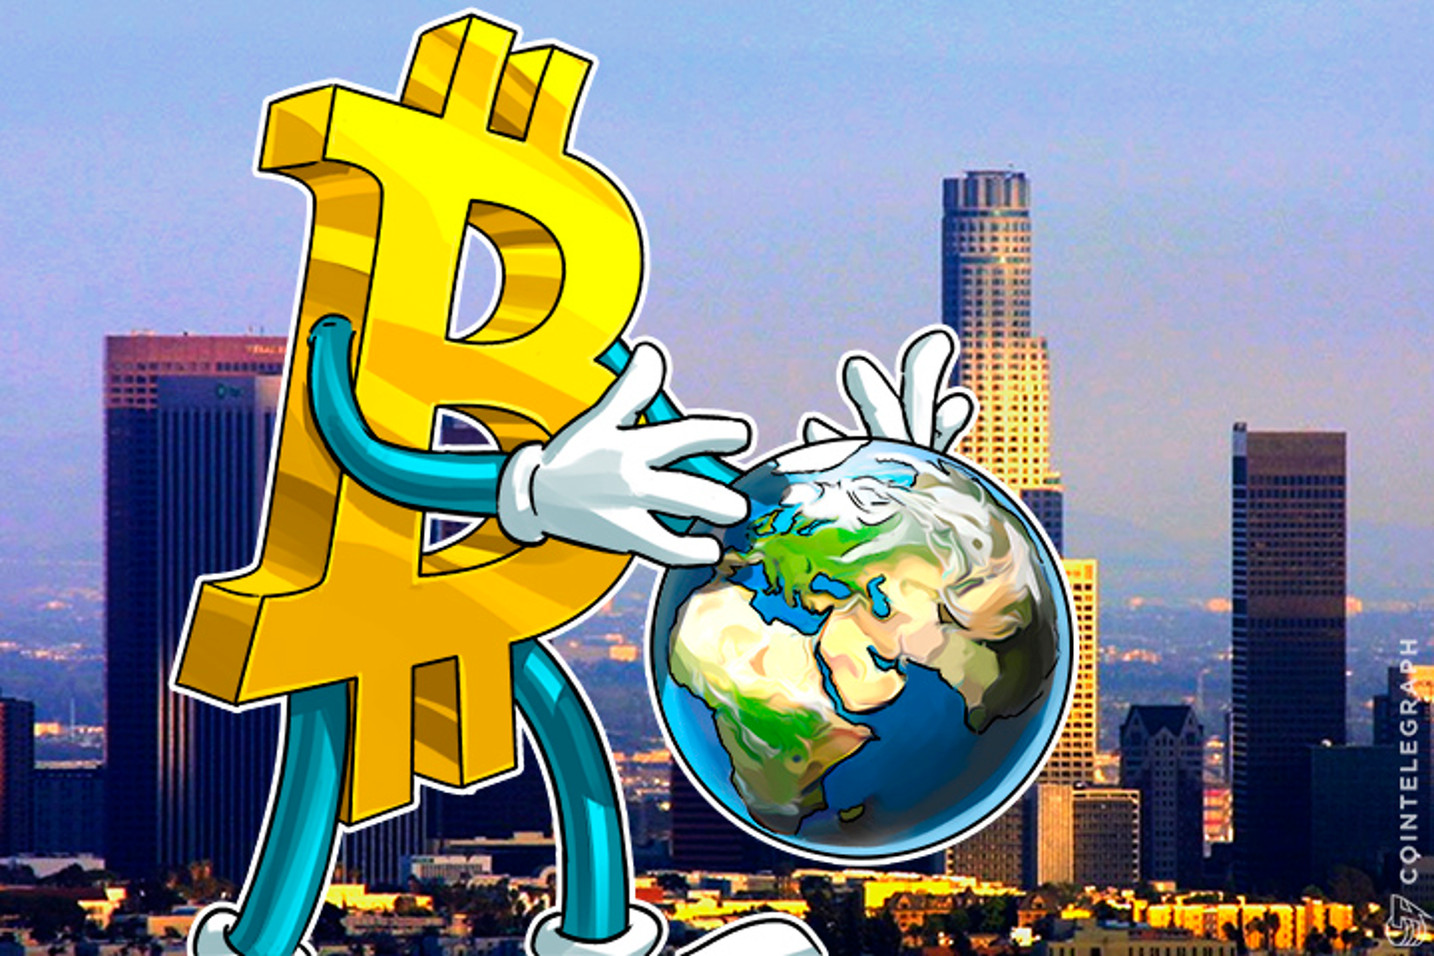 仮想通貨ビットコイン、注目のマクロ要因3つで動き 相場の重しか